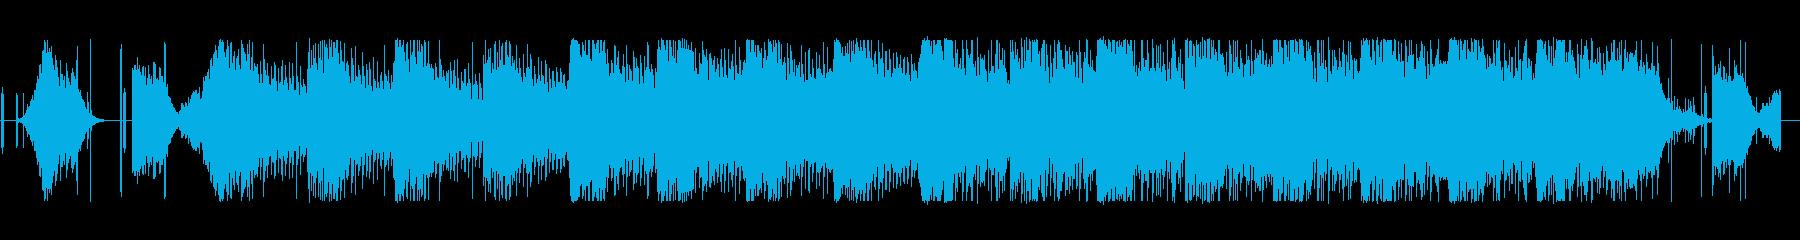 未知なる生命体を思わせるミステリアスな曲の再生済みの波形